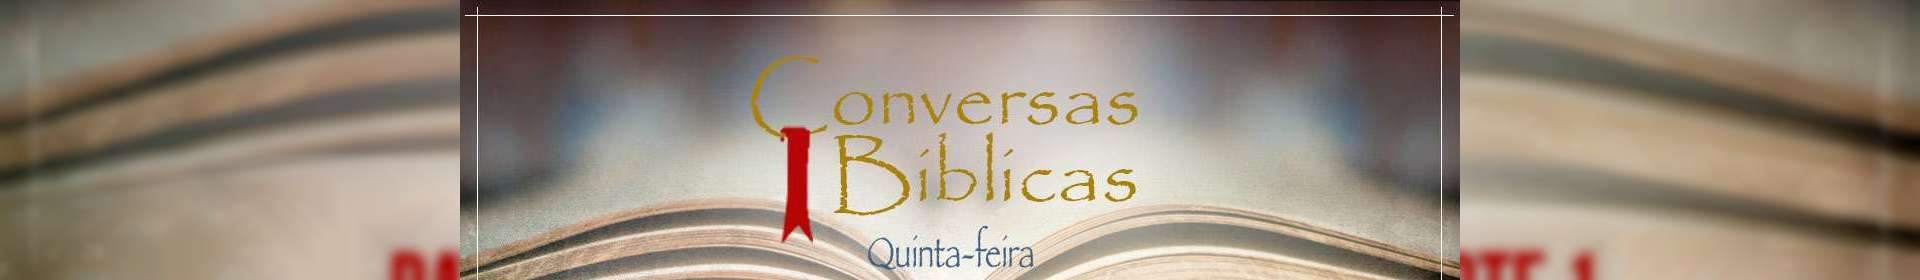 Conversas Bíblicas: Batismo com o Espírito Santo - Parte 1